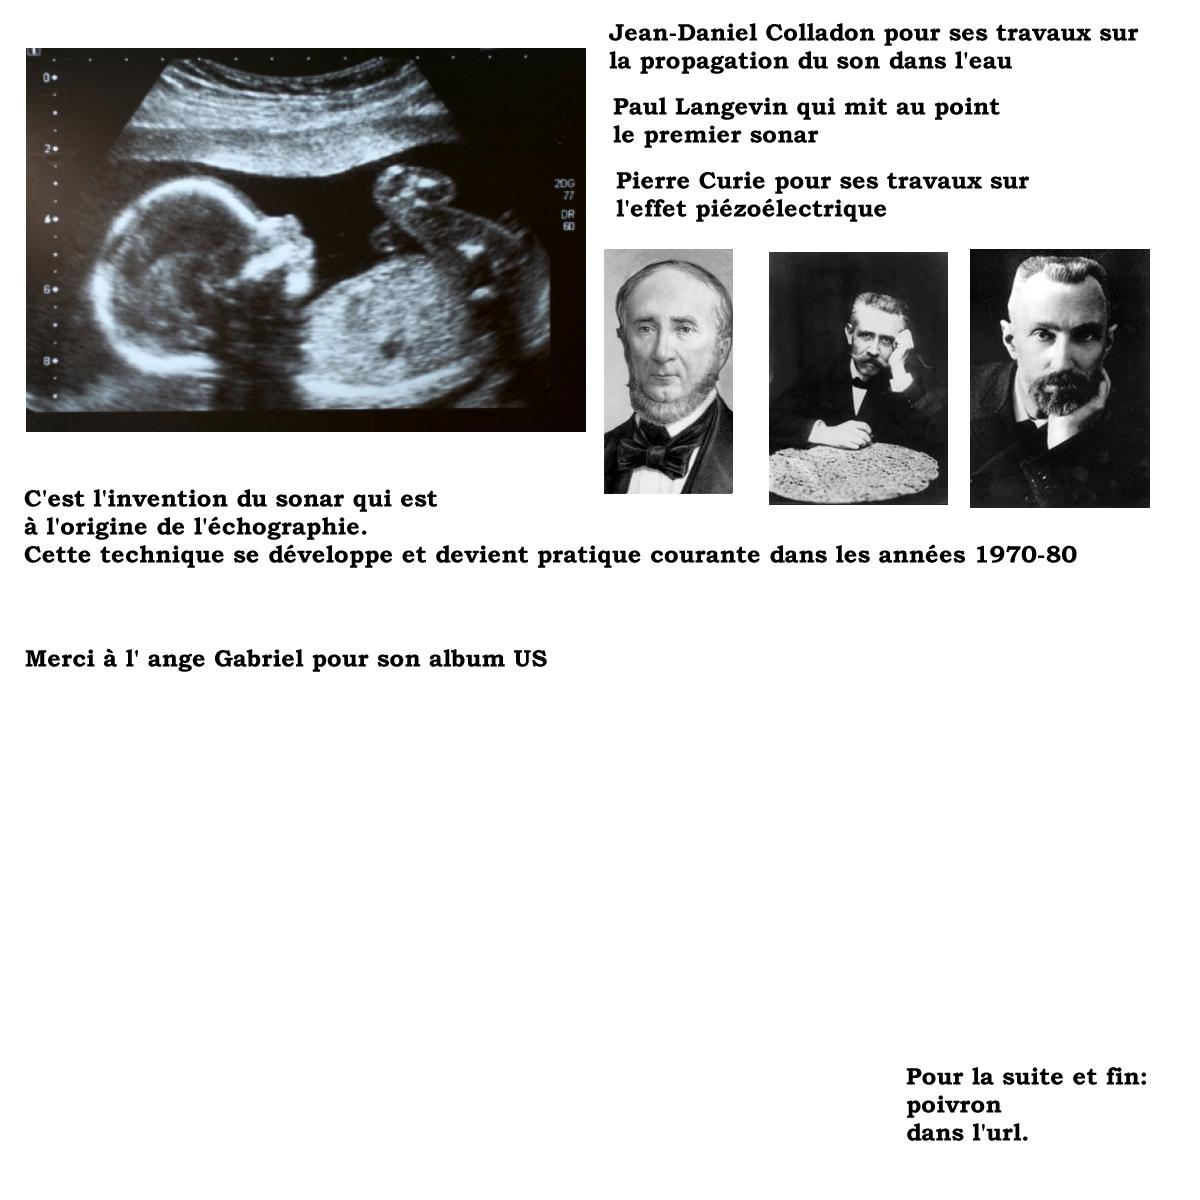 http://www.prise2tete.fr/upload/papyricko-colladonlangevincurie.jpg